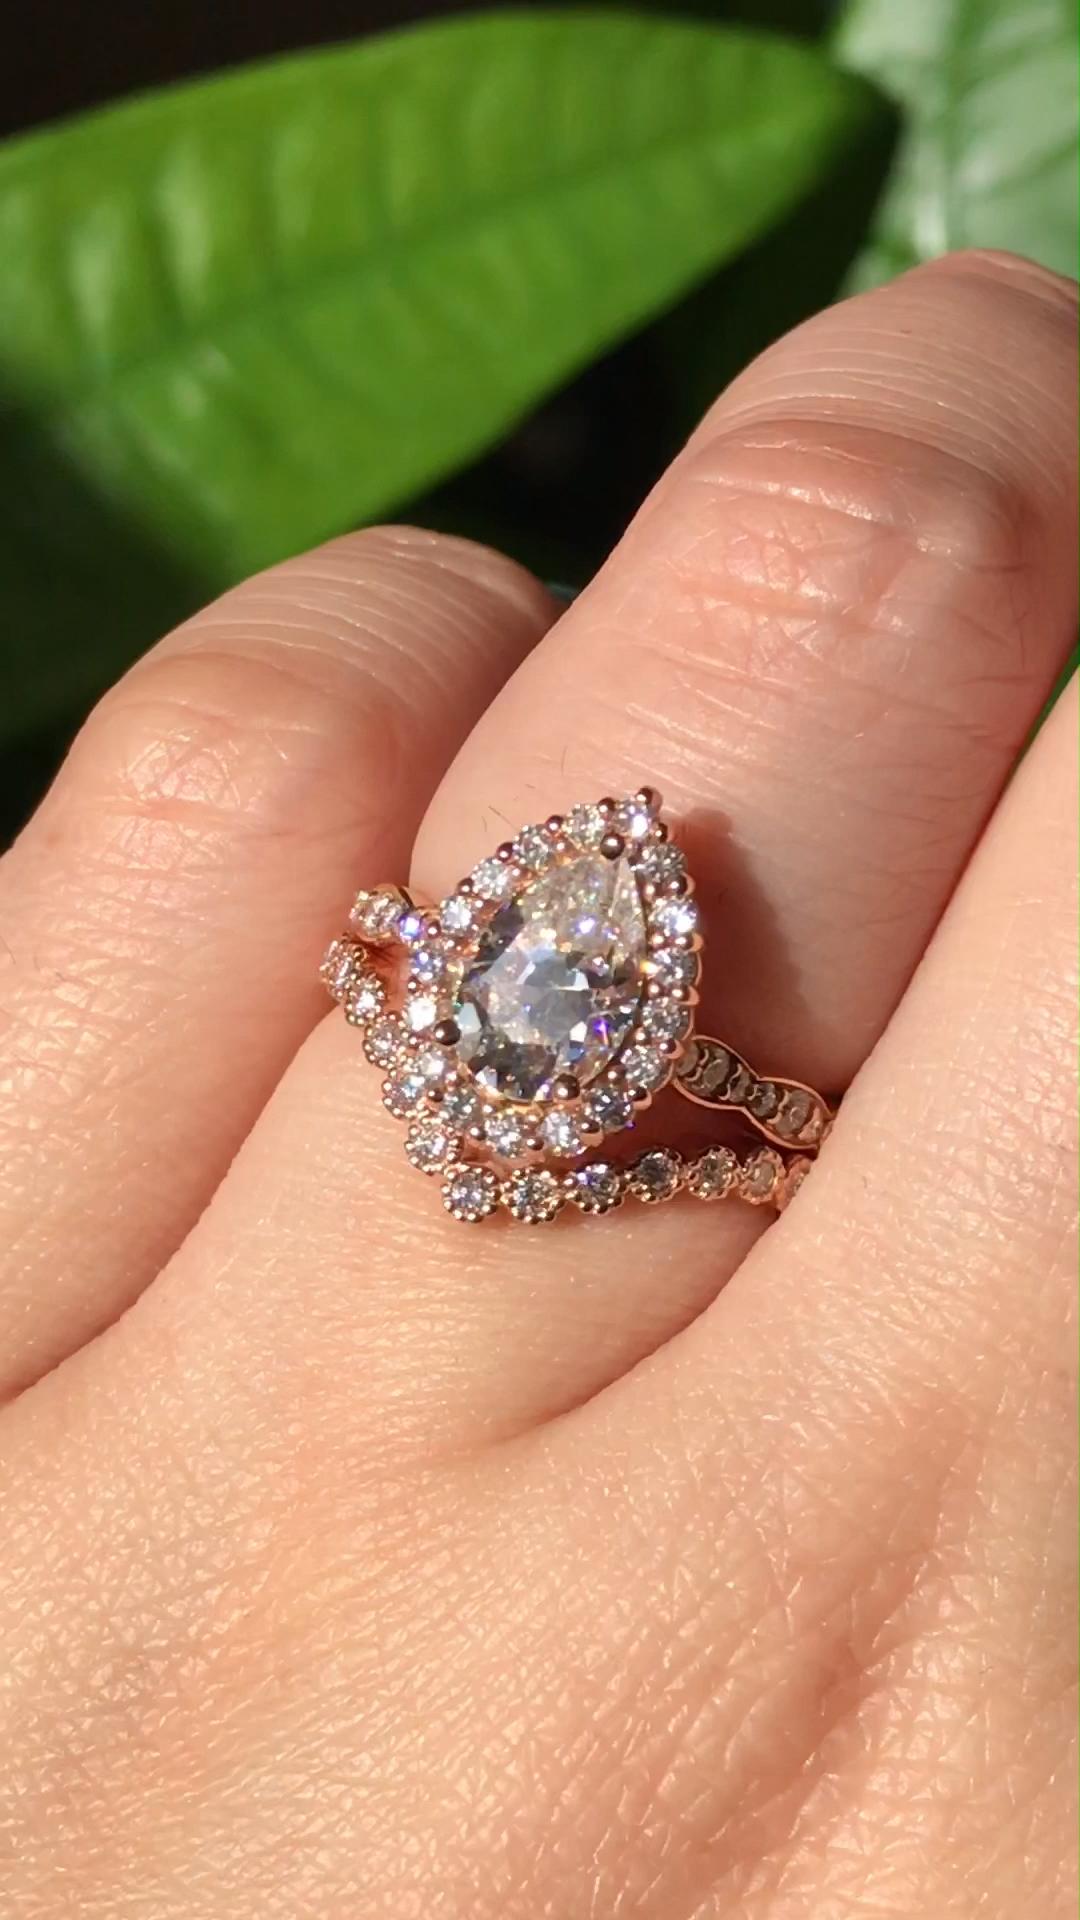 Moissanite Engagement Ring 14K White Gold Ring Unique